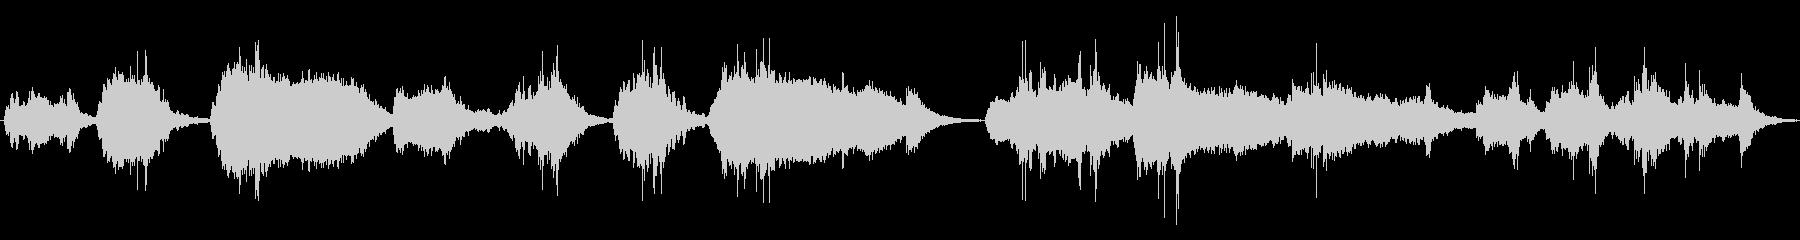 奇妙で緊張感のあるアンビエント音楽の未再生の波形